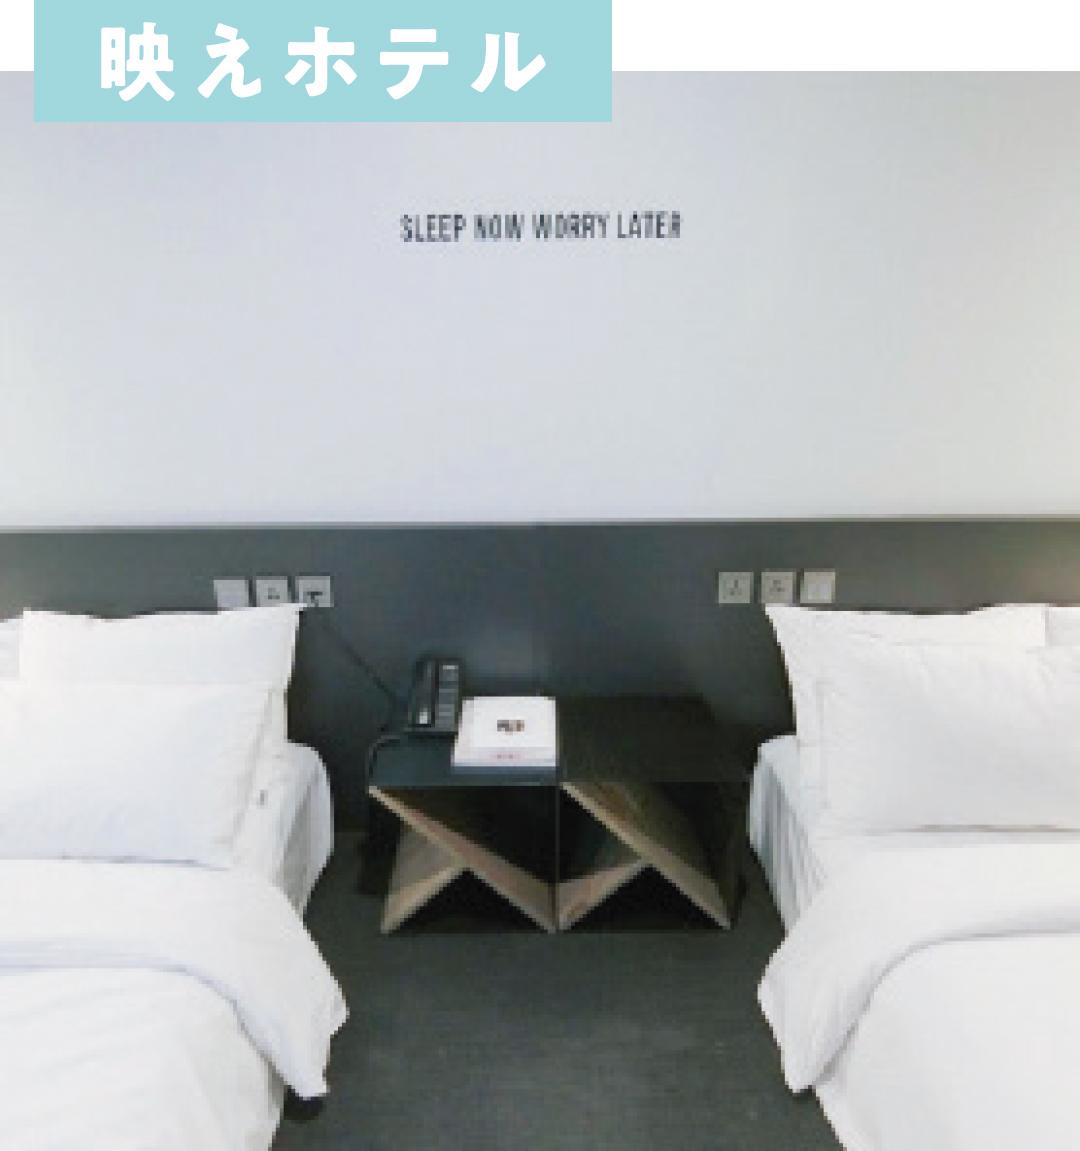 韓国旅行の前にチェック! マニアの推しホテル&カフェ8選♡【韓国トレンドこれくる2019】_1_2-1